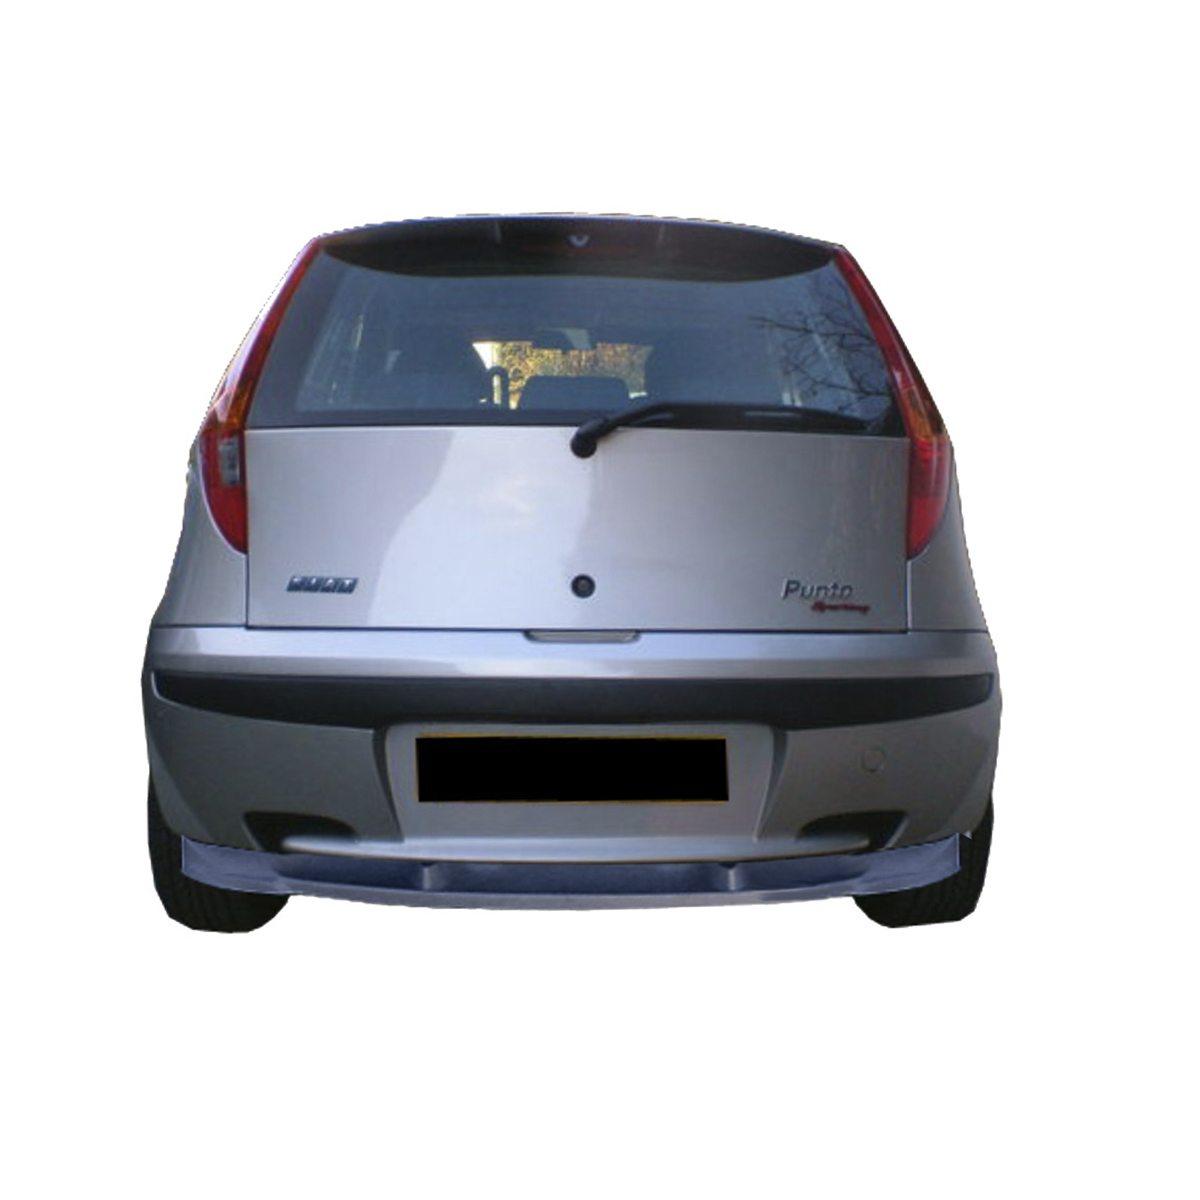 Fiat Punto (99-03) – Spoiler tras Small